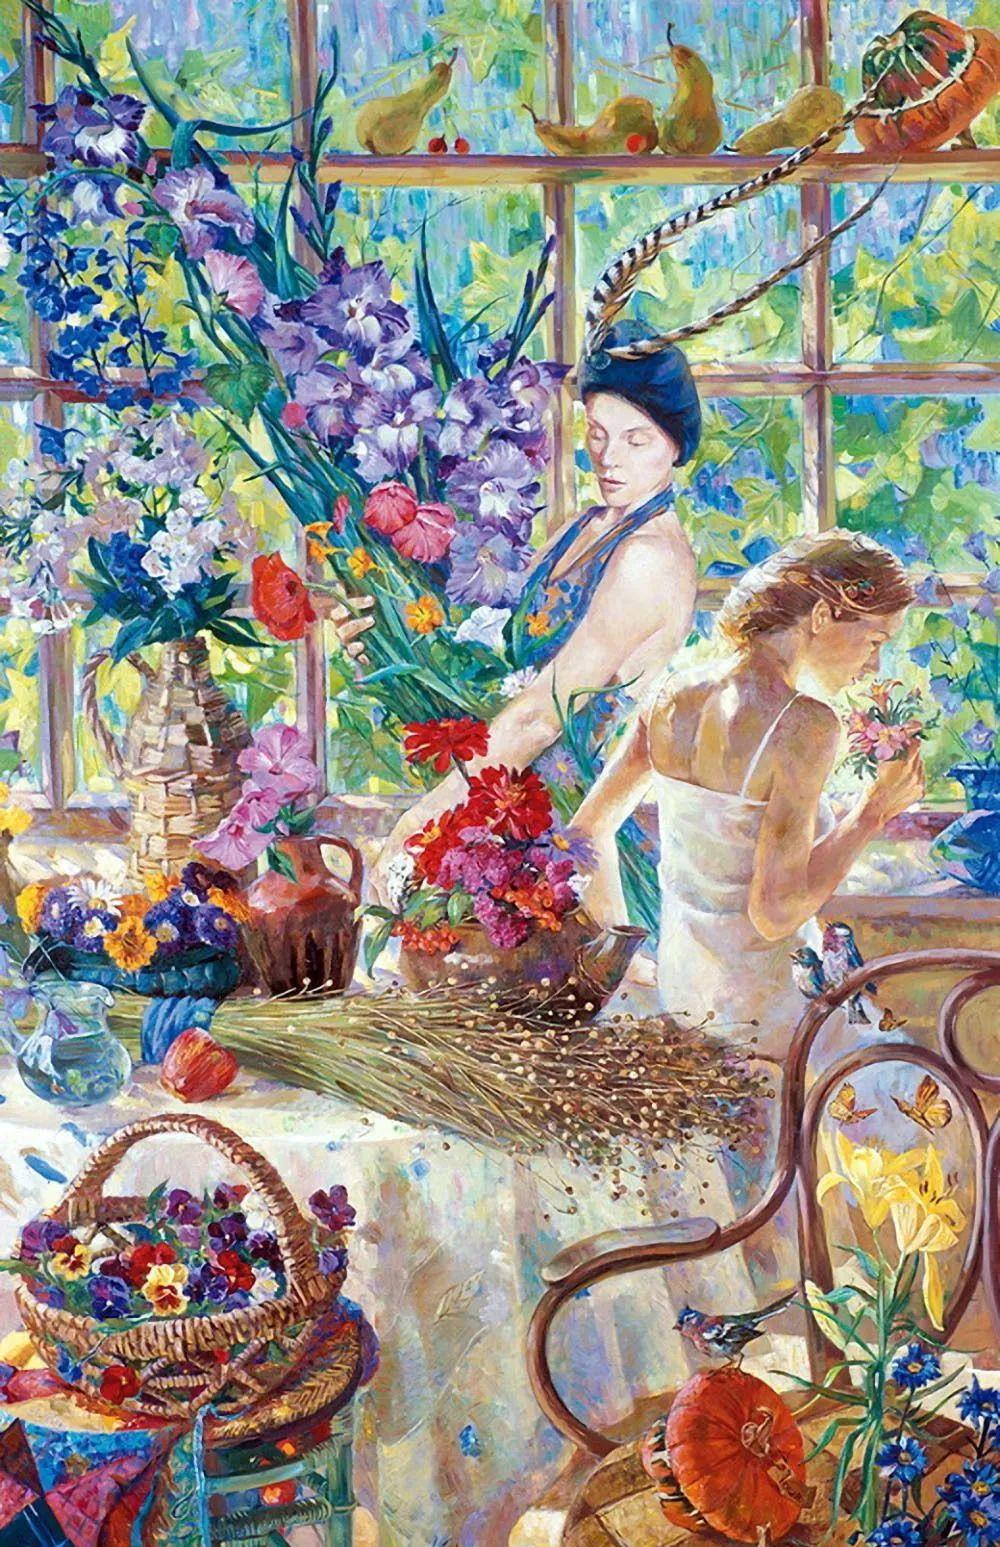 细致瑰丽的画风,俄罗斯女画家纳塔利娅·图尔插图